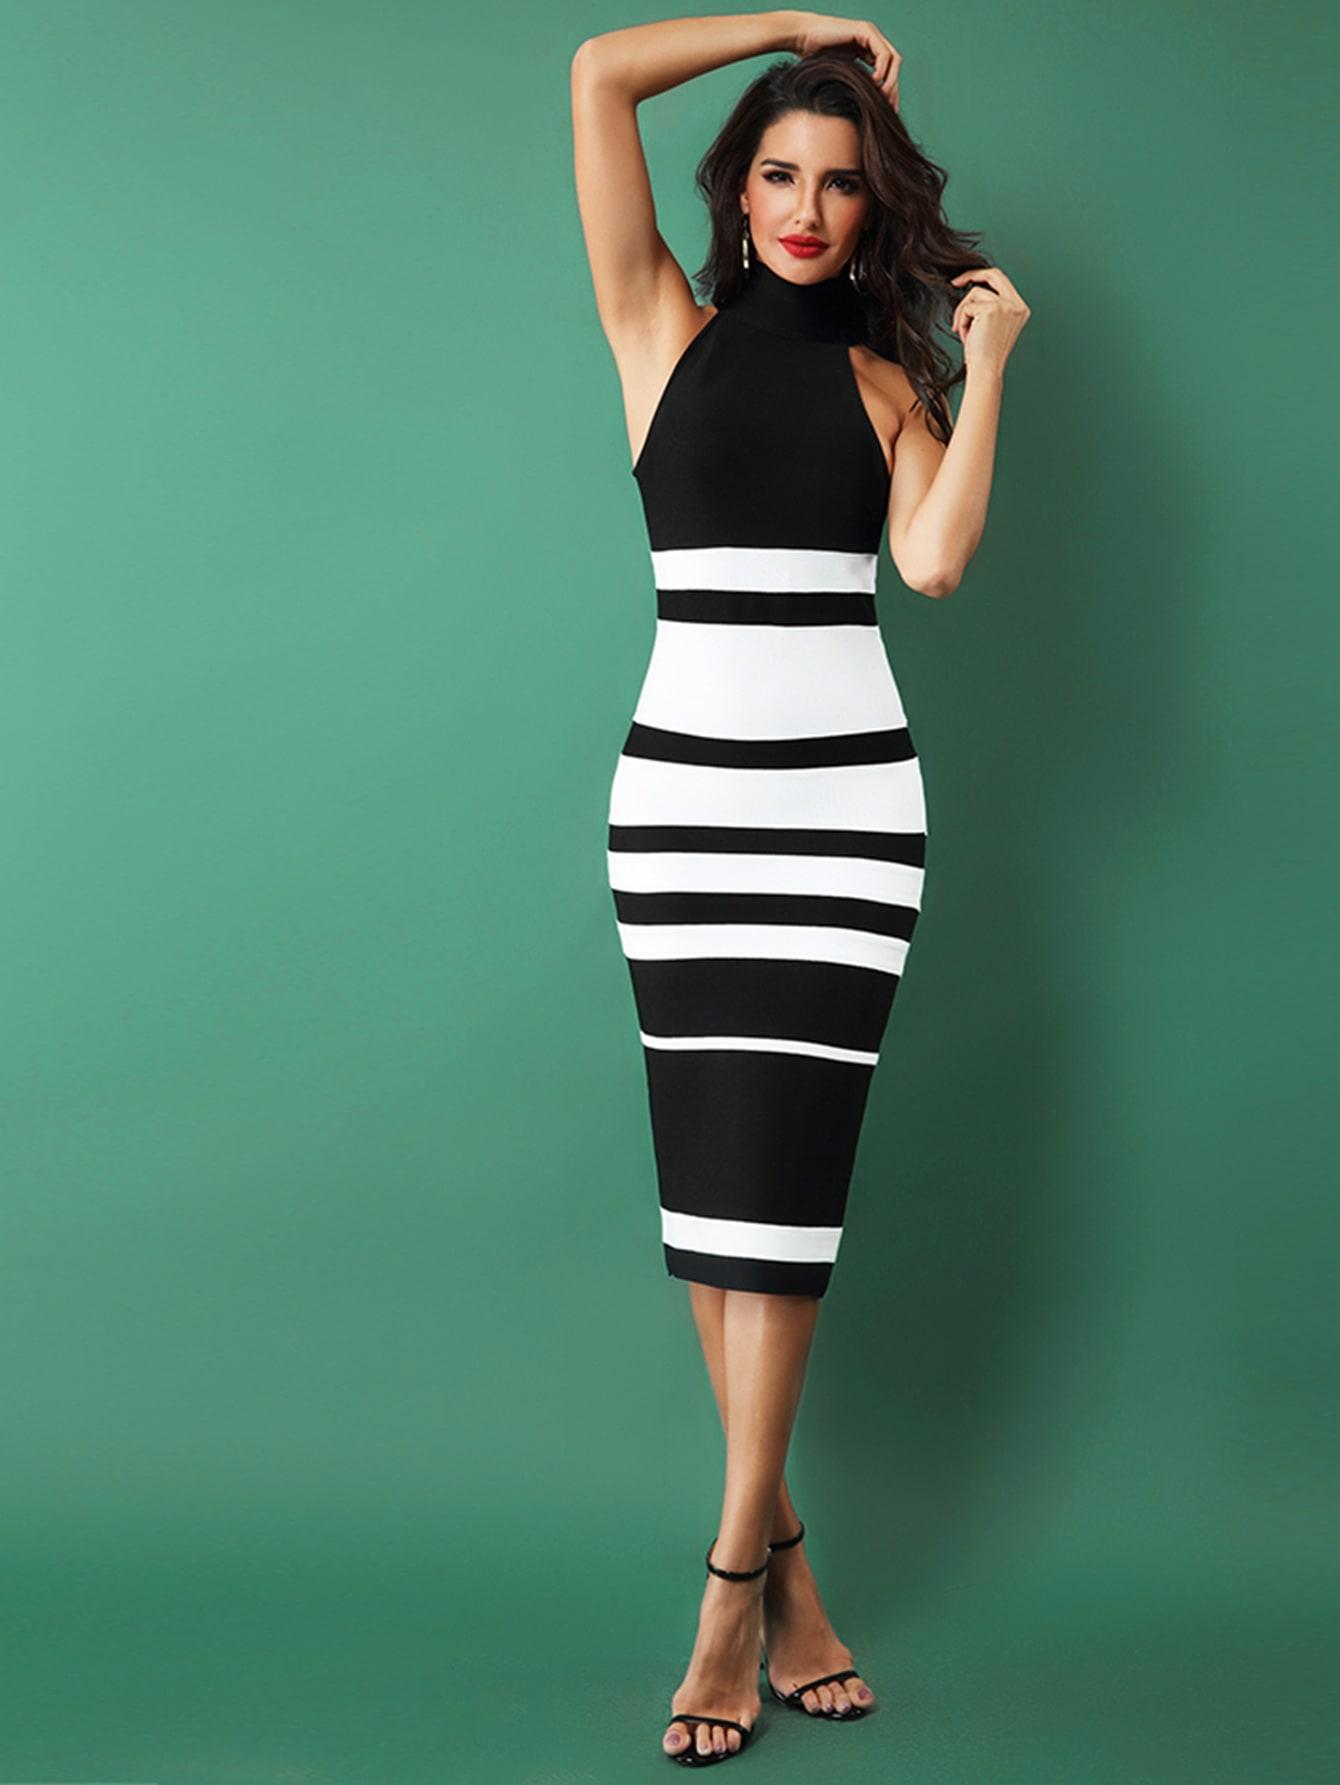 Фото - Adyce облегающее двухцветное платье с молнией от SheIn цвет чёрнобелые